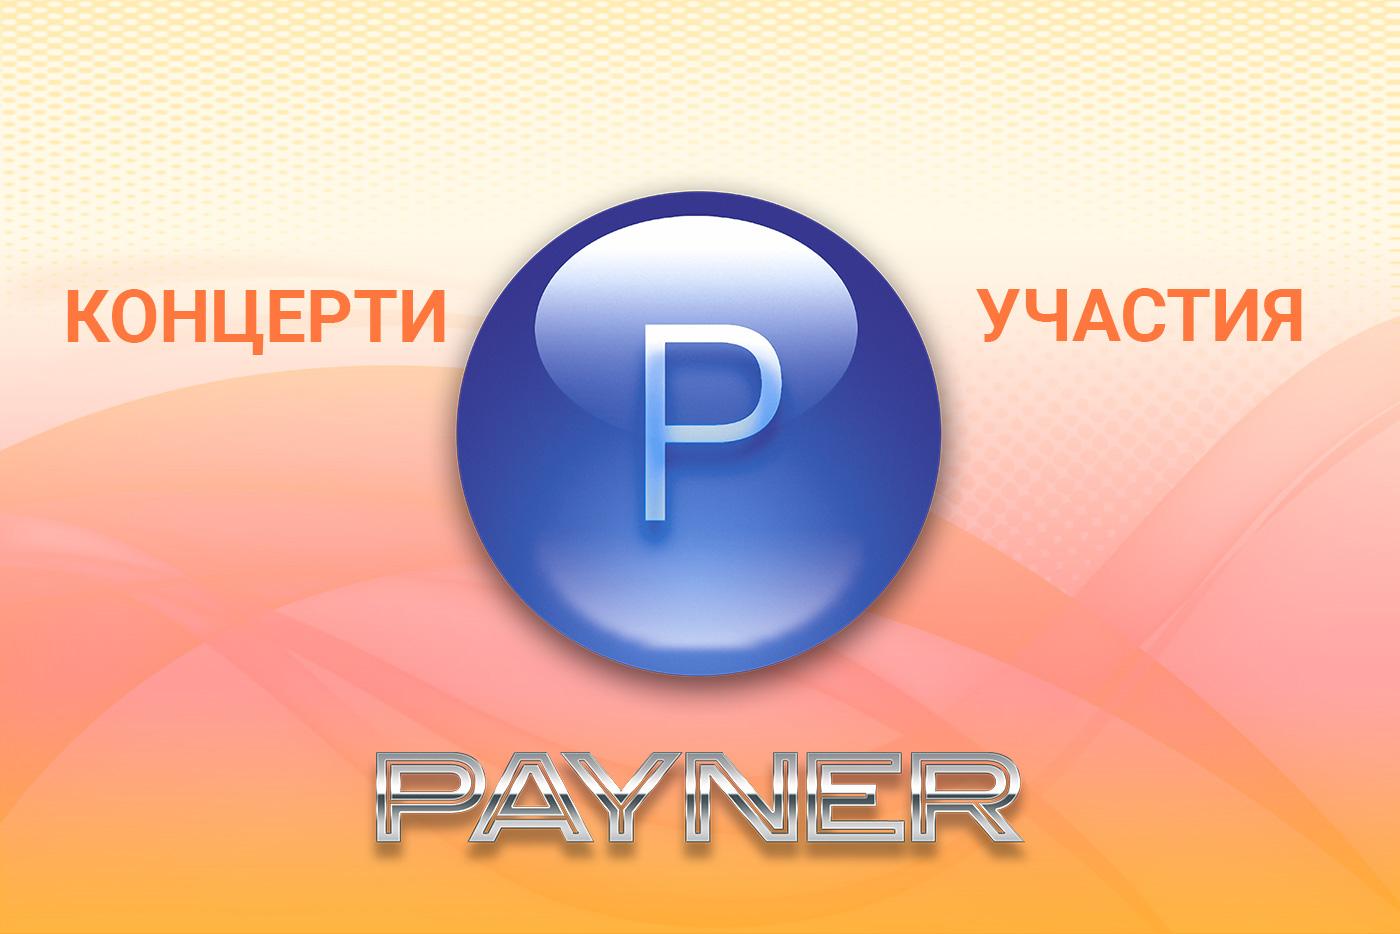 """Участия на звездите на """"Пайнер"""" на 08.02.2019"""